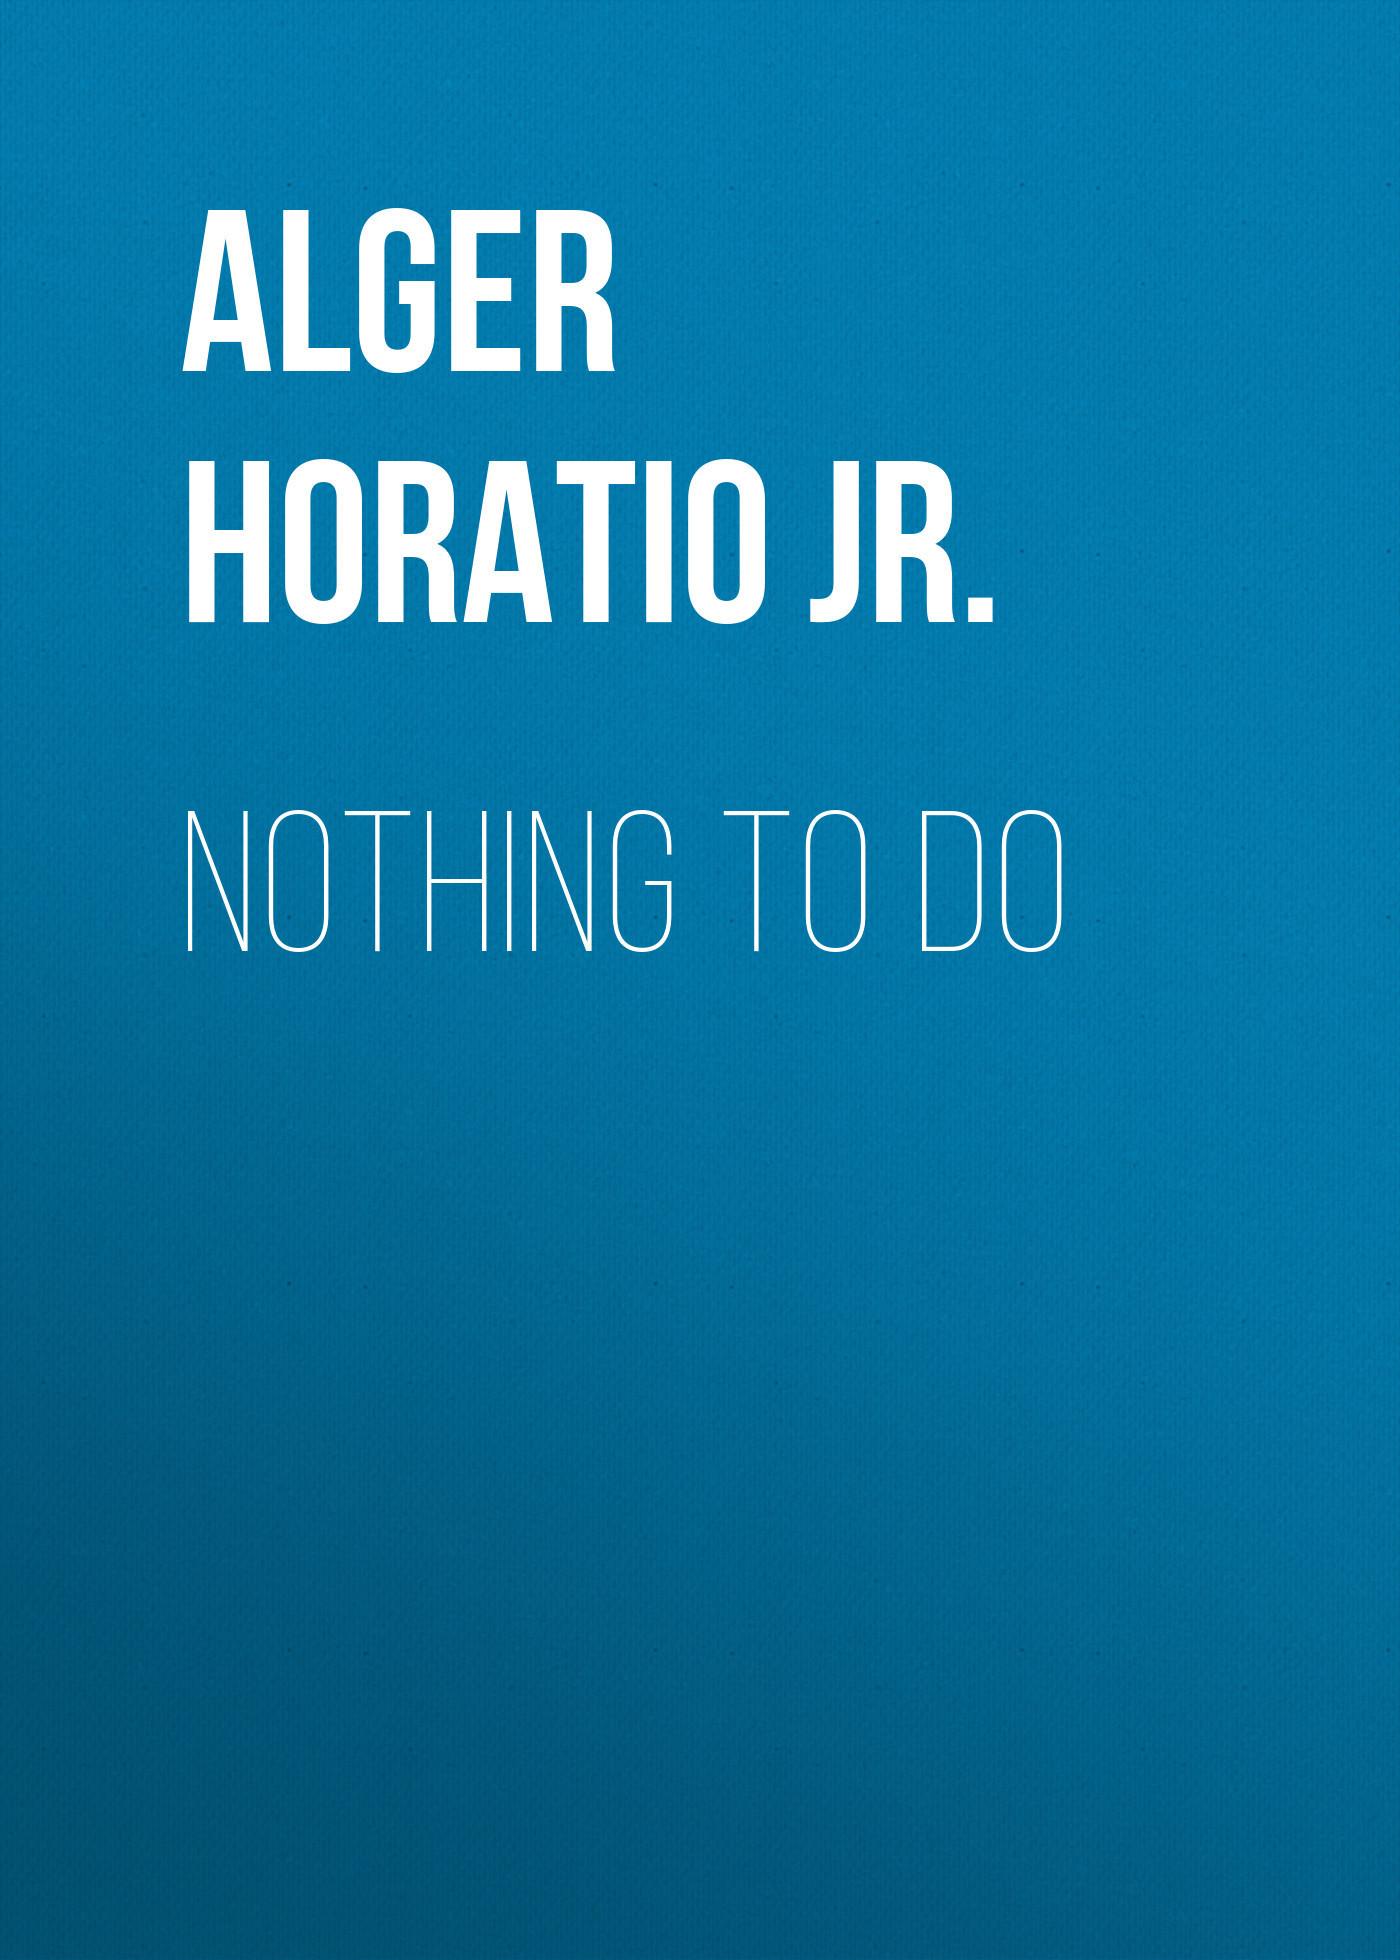 Alger Horatio Jr. Nothing to Do horatio alger jr digging for gold